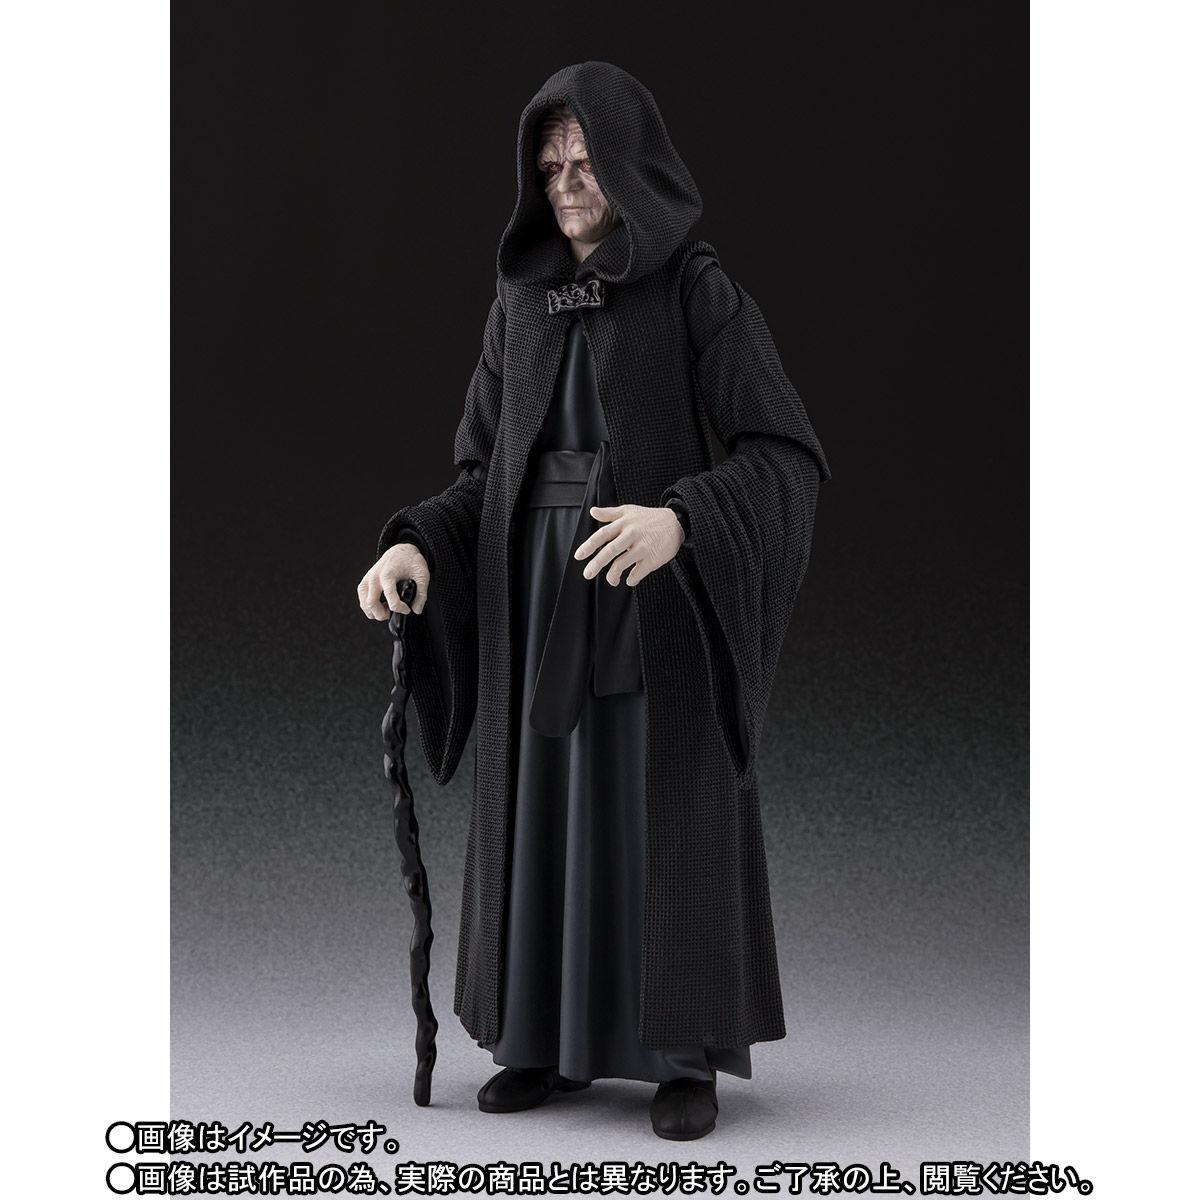 【限定販売】S.H.Figuarts『パルパティーン皇帝 -Death Star II Throne Room Set-(STAR WARS:Return of the Jedi)』可動フィギュア-005